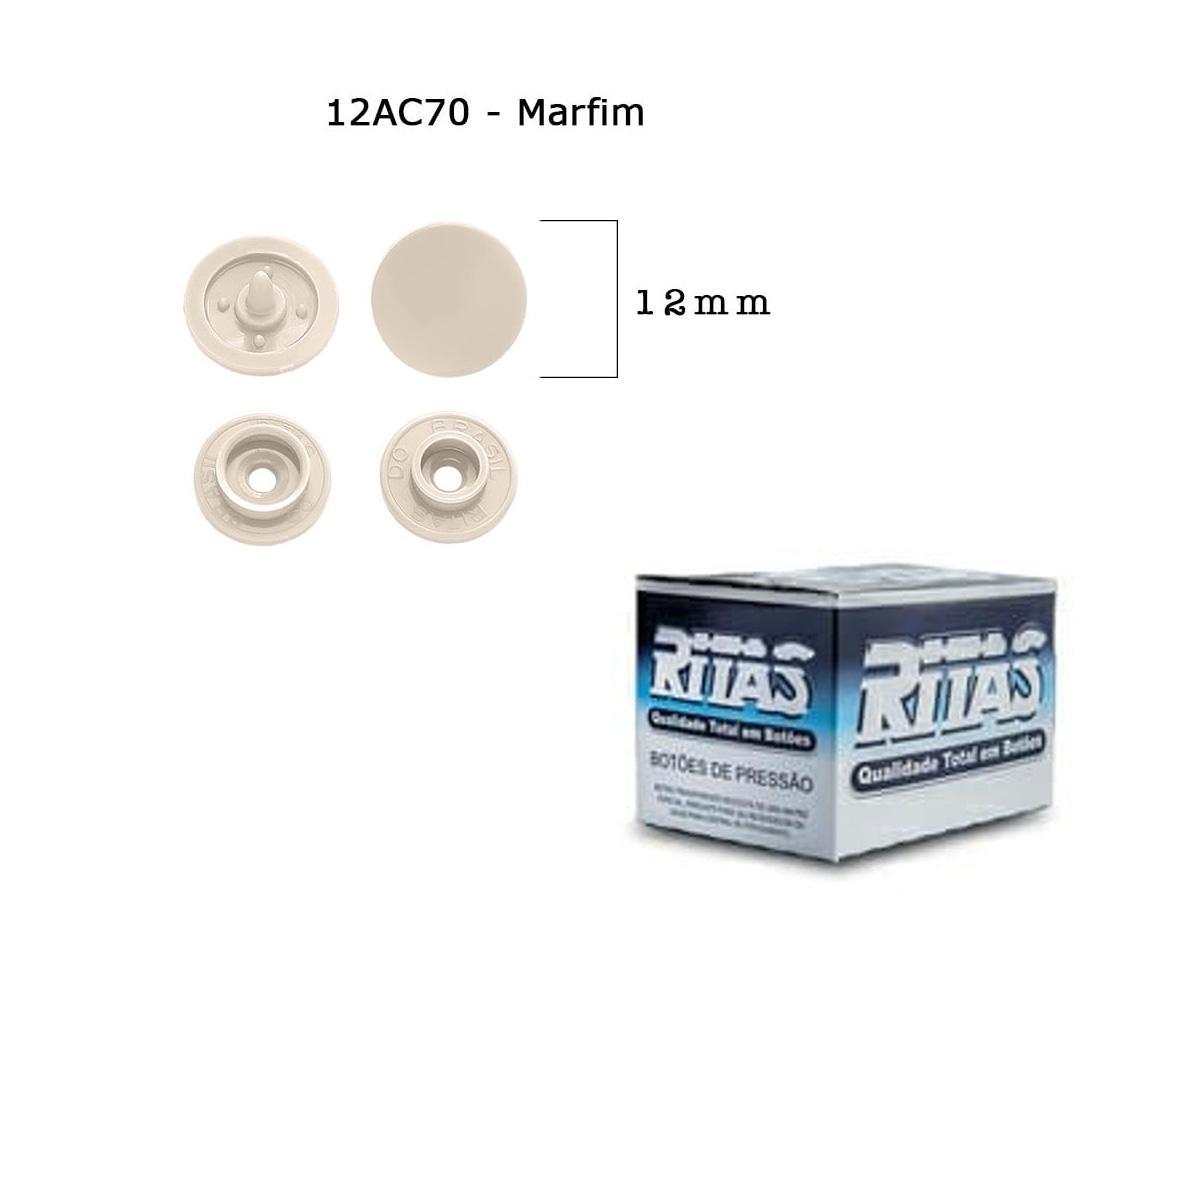 Botão De Pressão Plastico Ritas,com 200 botões . Nº 12 Marfim